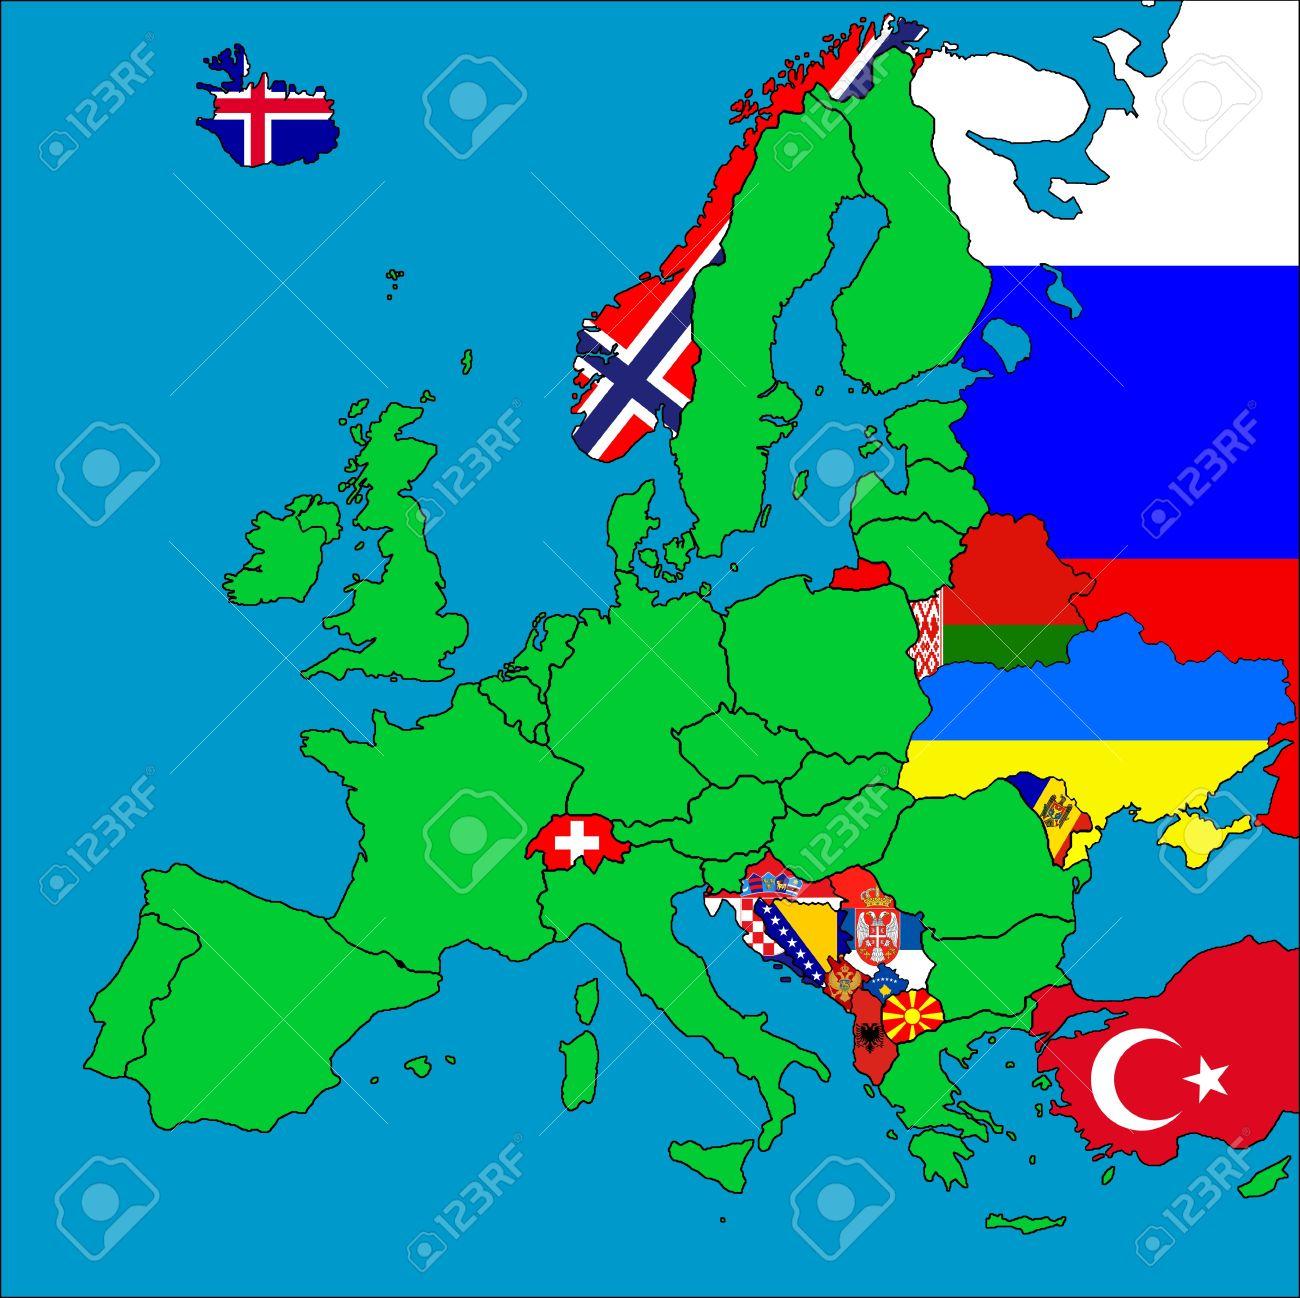 Une Carte De L'europe Avec Tous Les Pays Non Membres De L'ue Représentés  Par Leurs Drapeaux. avec Carte Des Pays Membres De L Ue